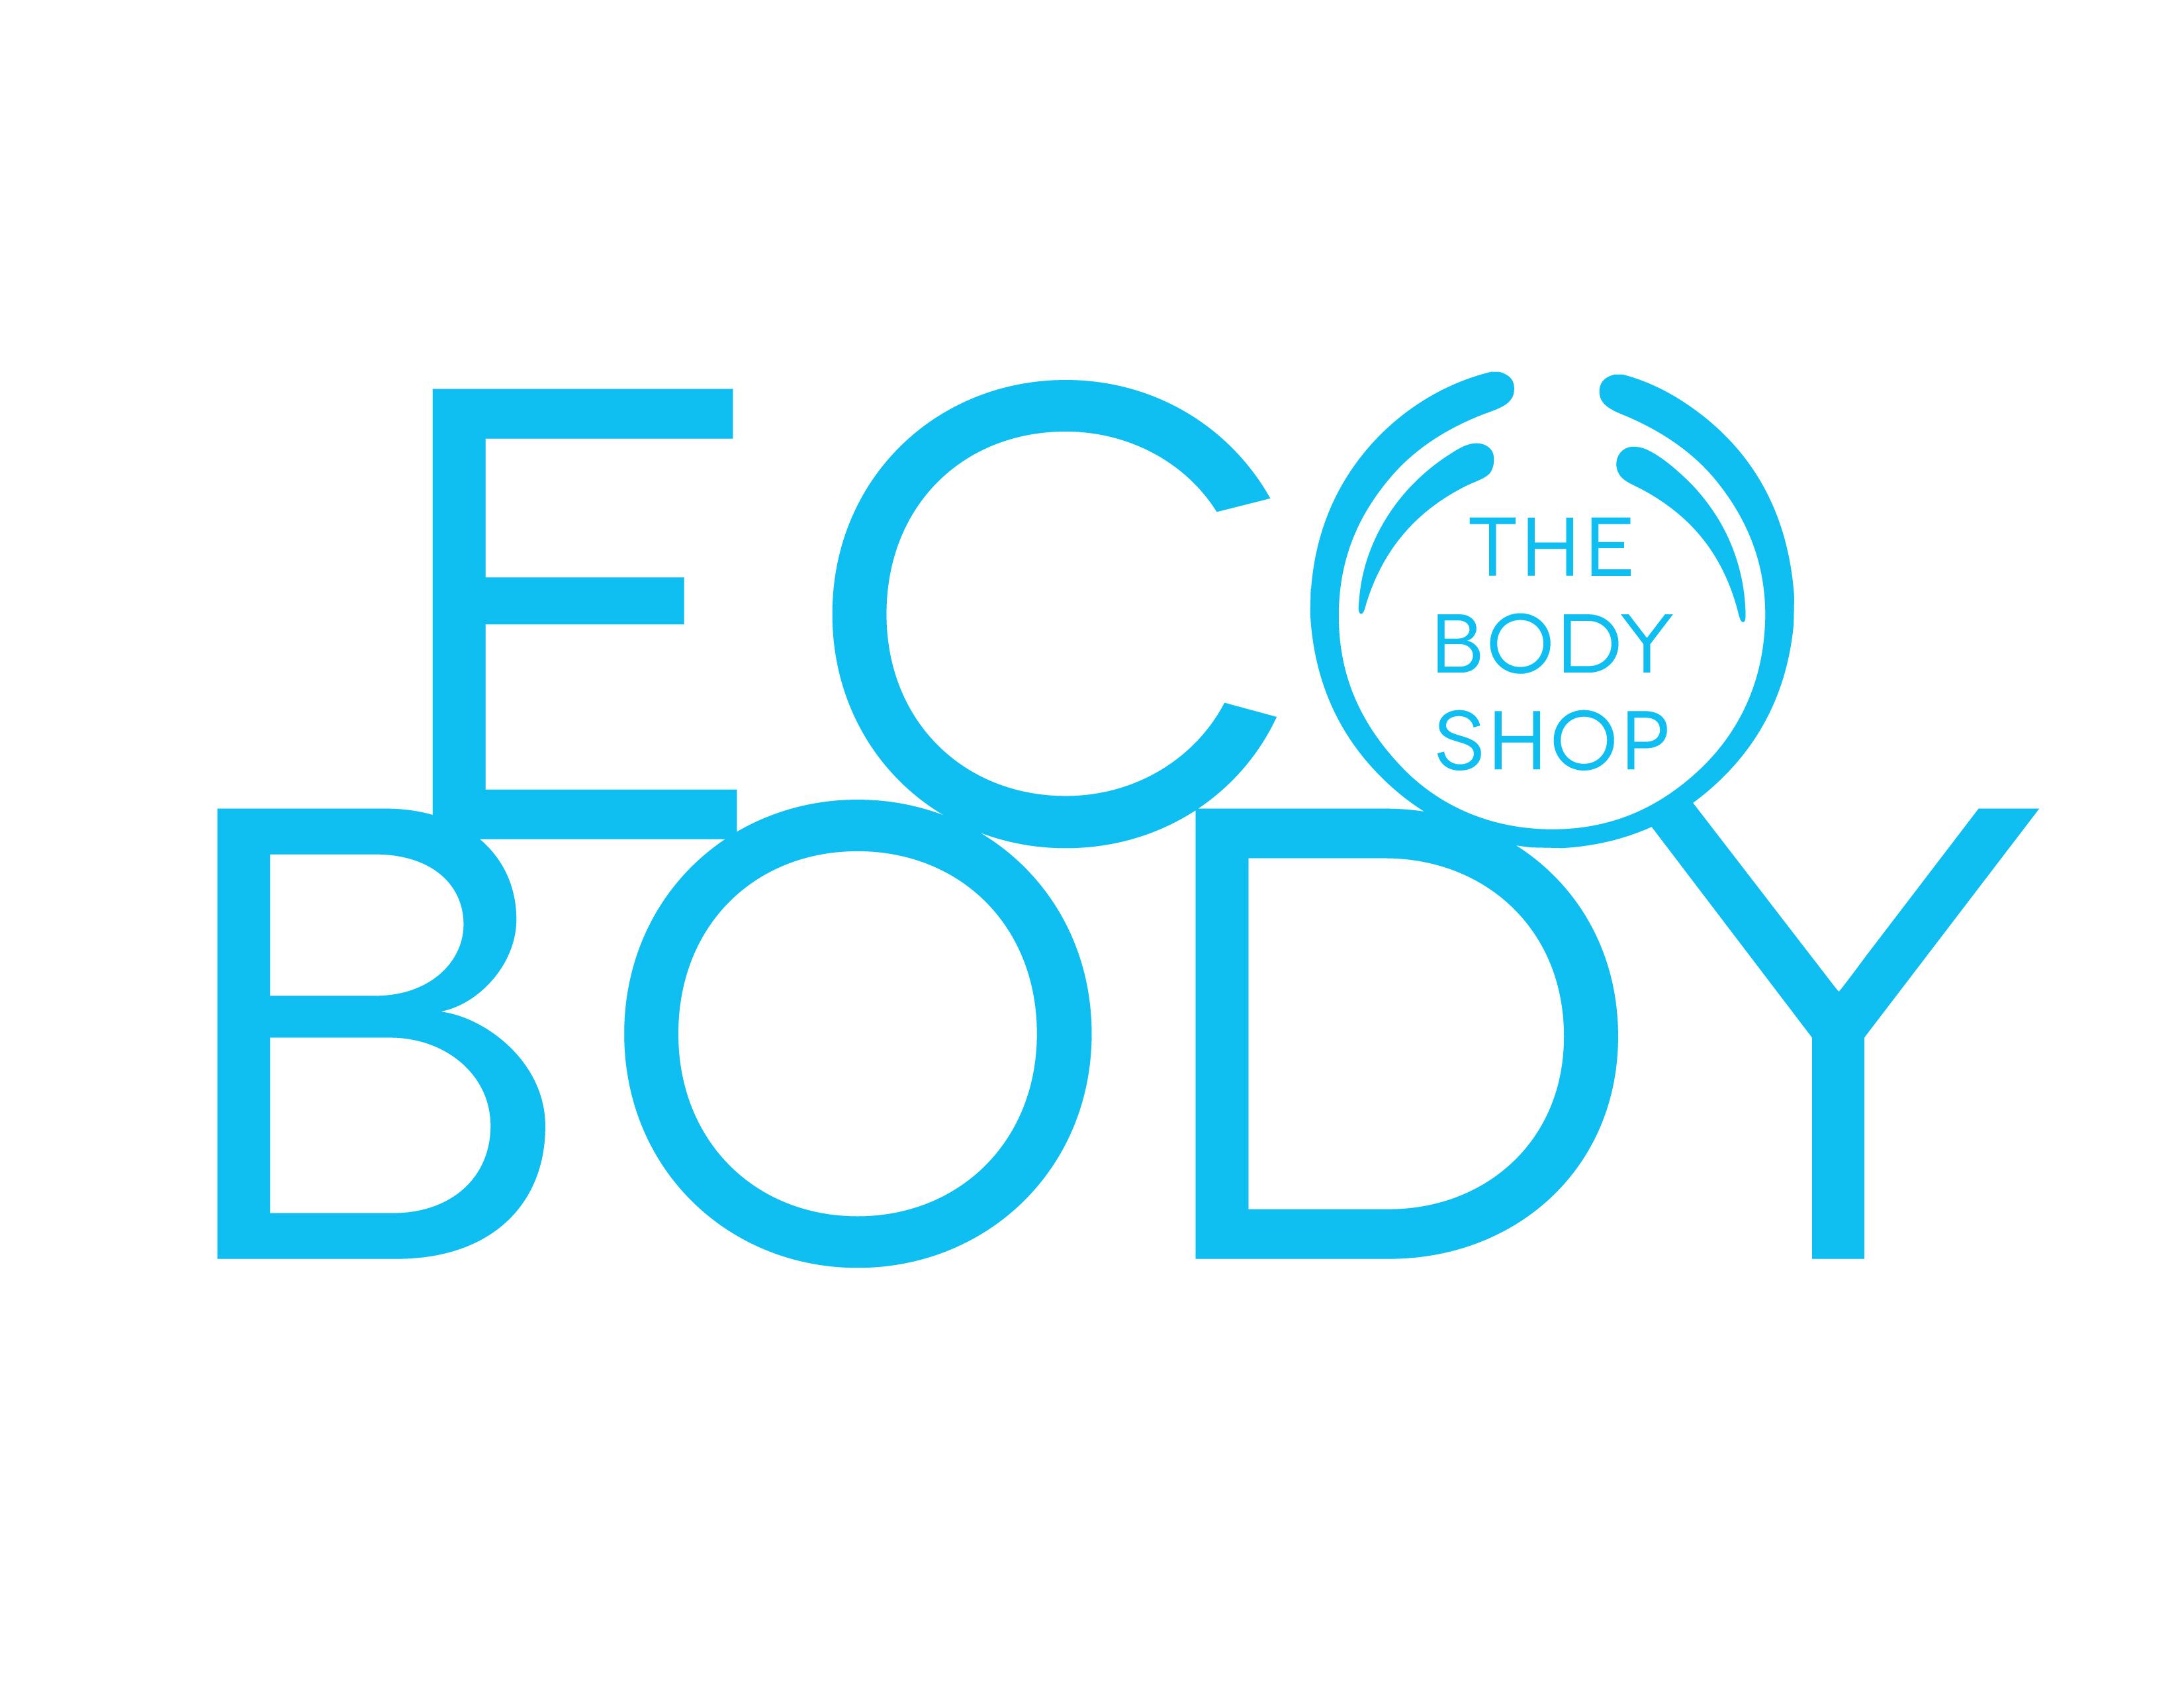 Ecobody